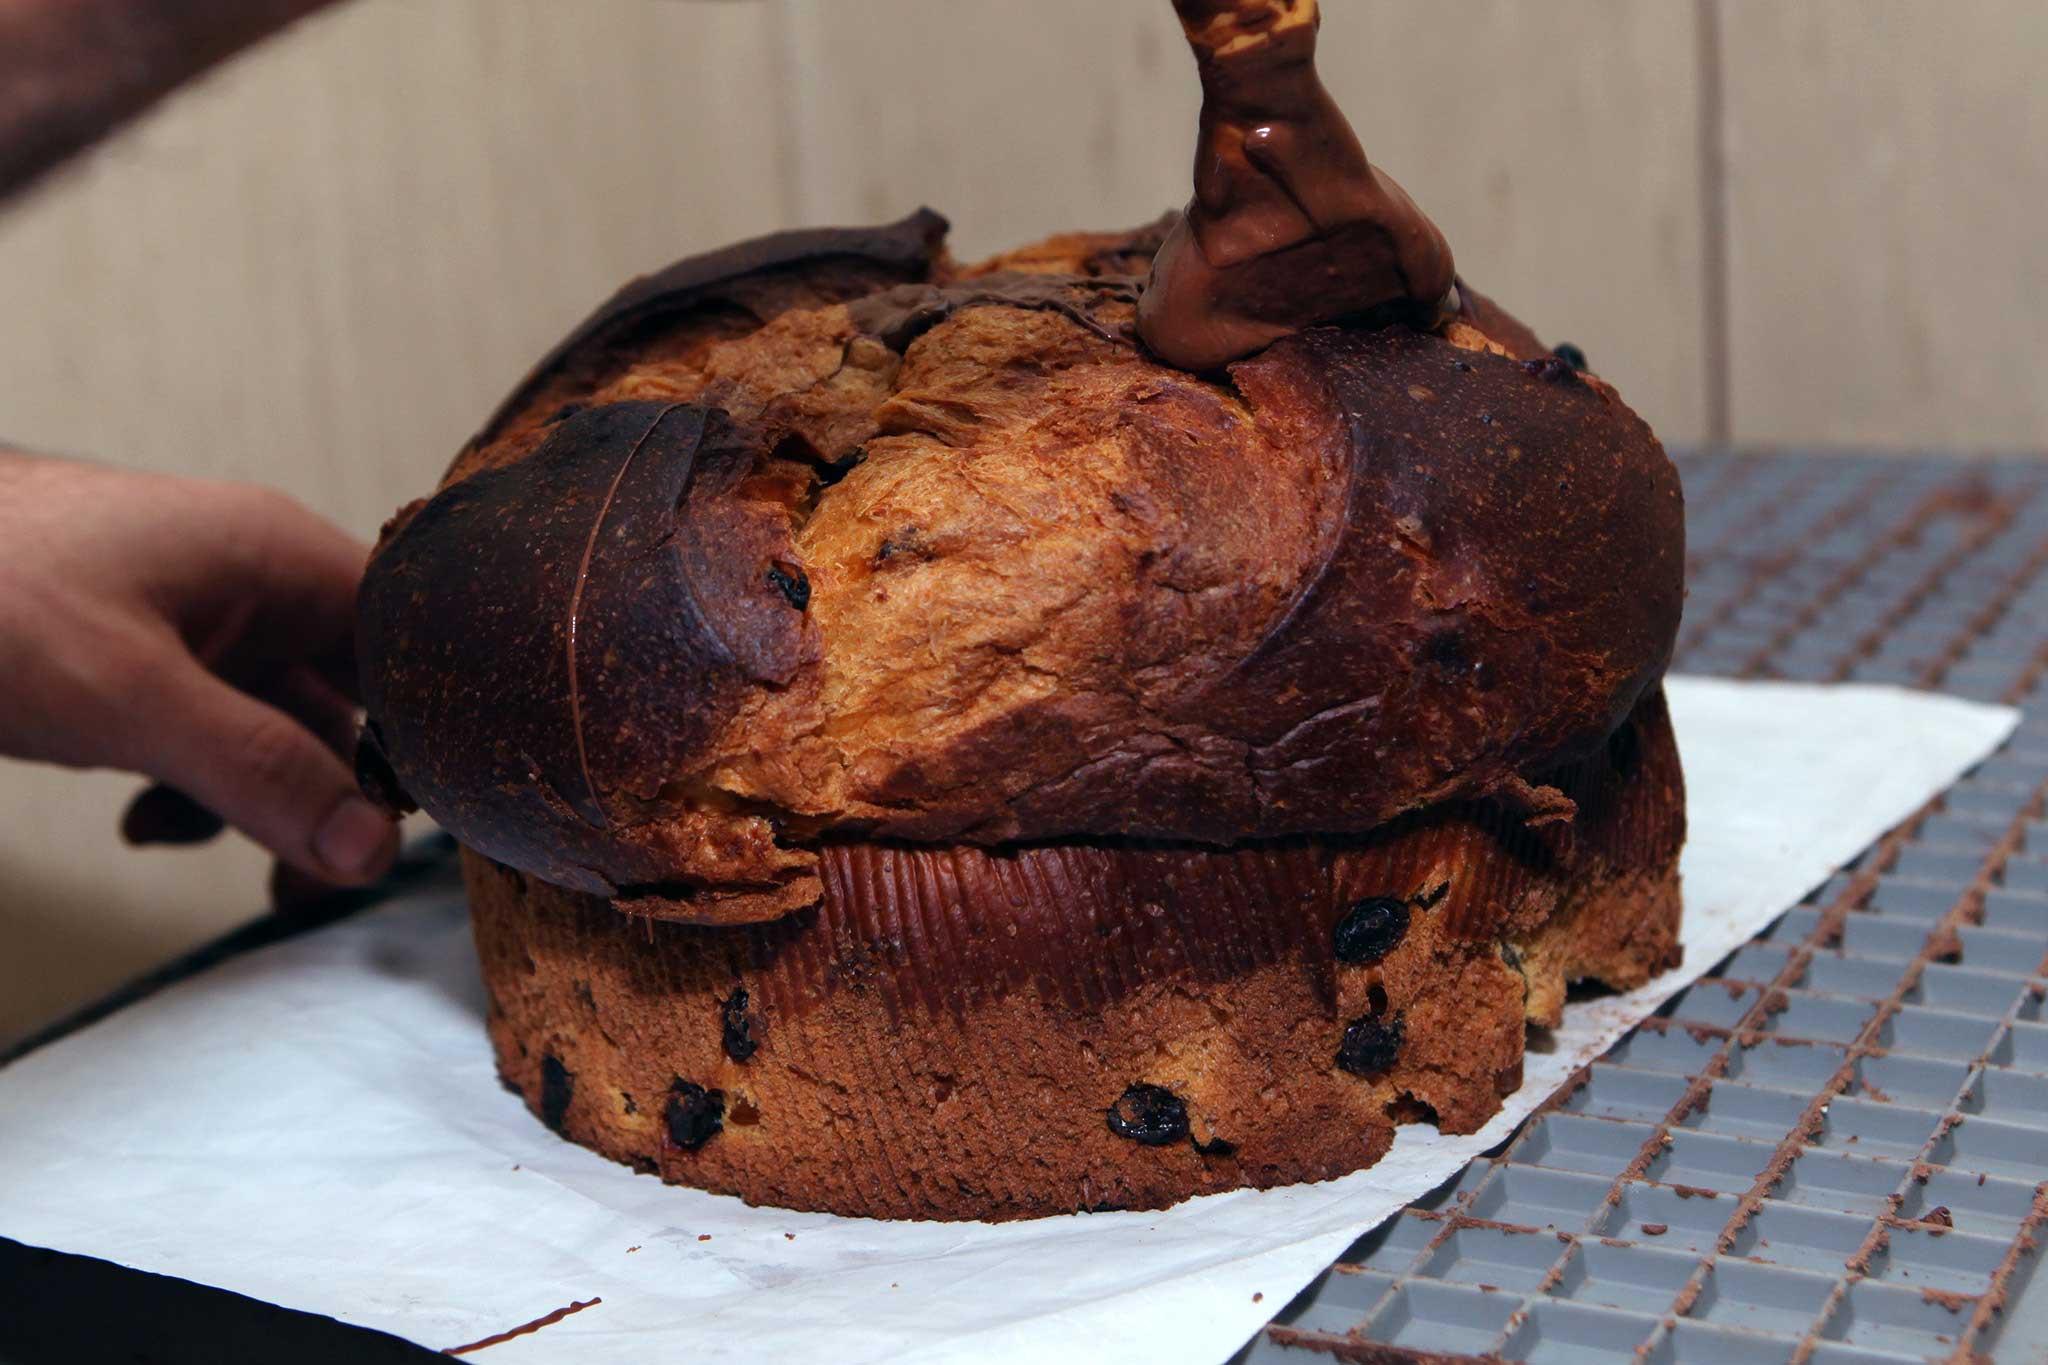 preparazione panettone cioccolato 1